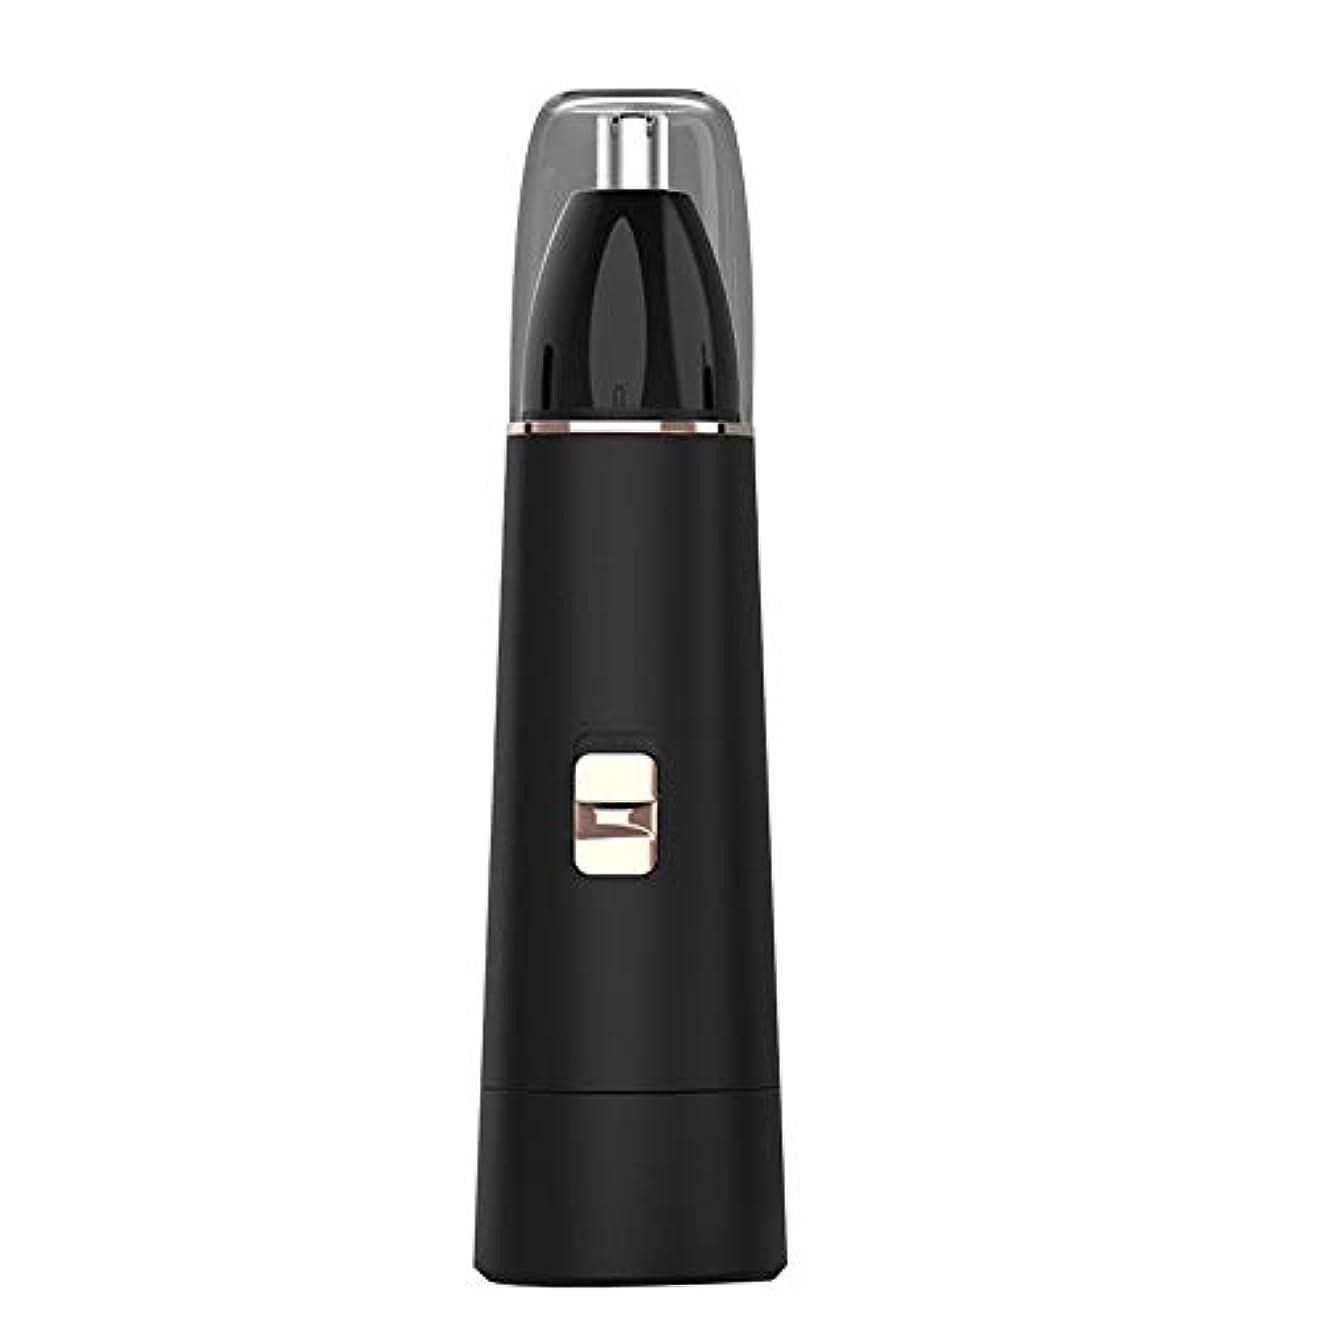 二週間反毒失効鼻毛トリマー-USB充電式電動鼻毛トリマー/ABS素材/多機能 使いやすい